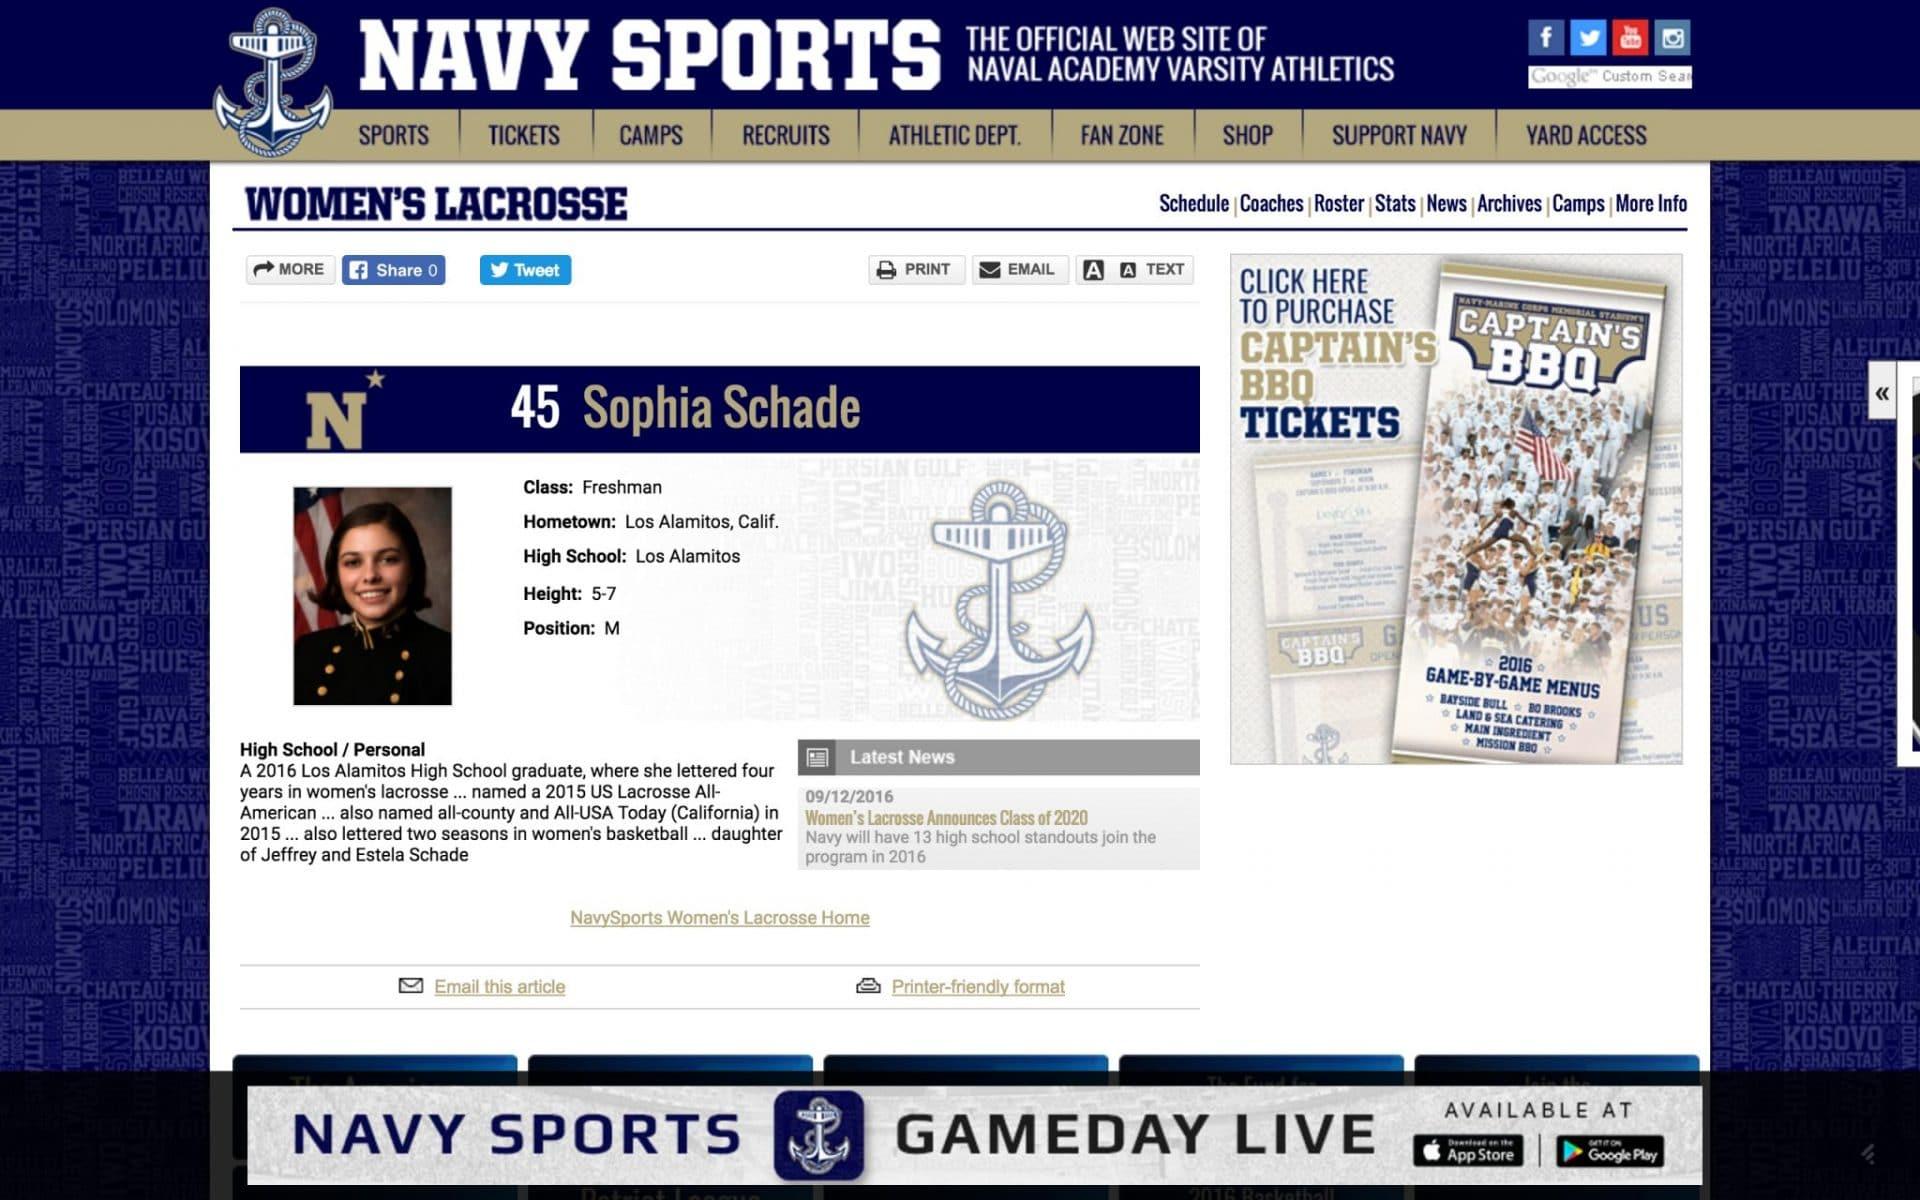 Sophia Schade will wear no. 45 for the Navy Women's Lacrosse team.